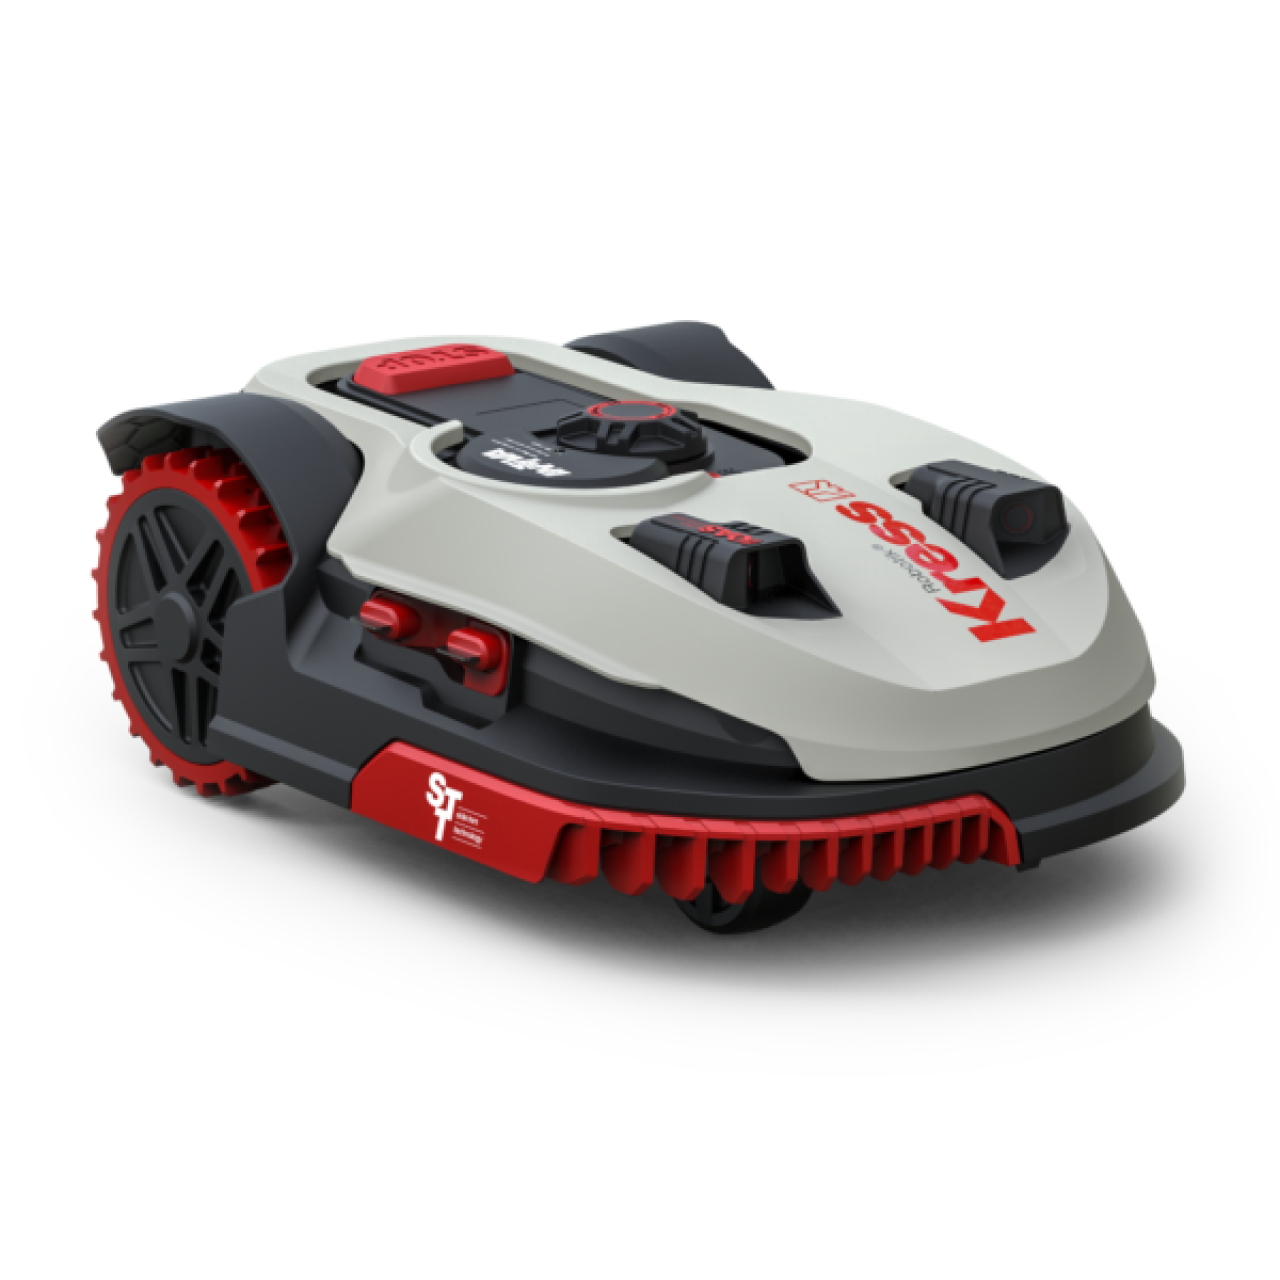 Rasenroboter KR112